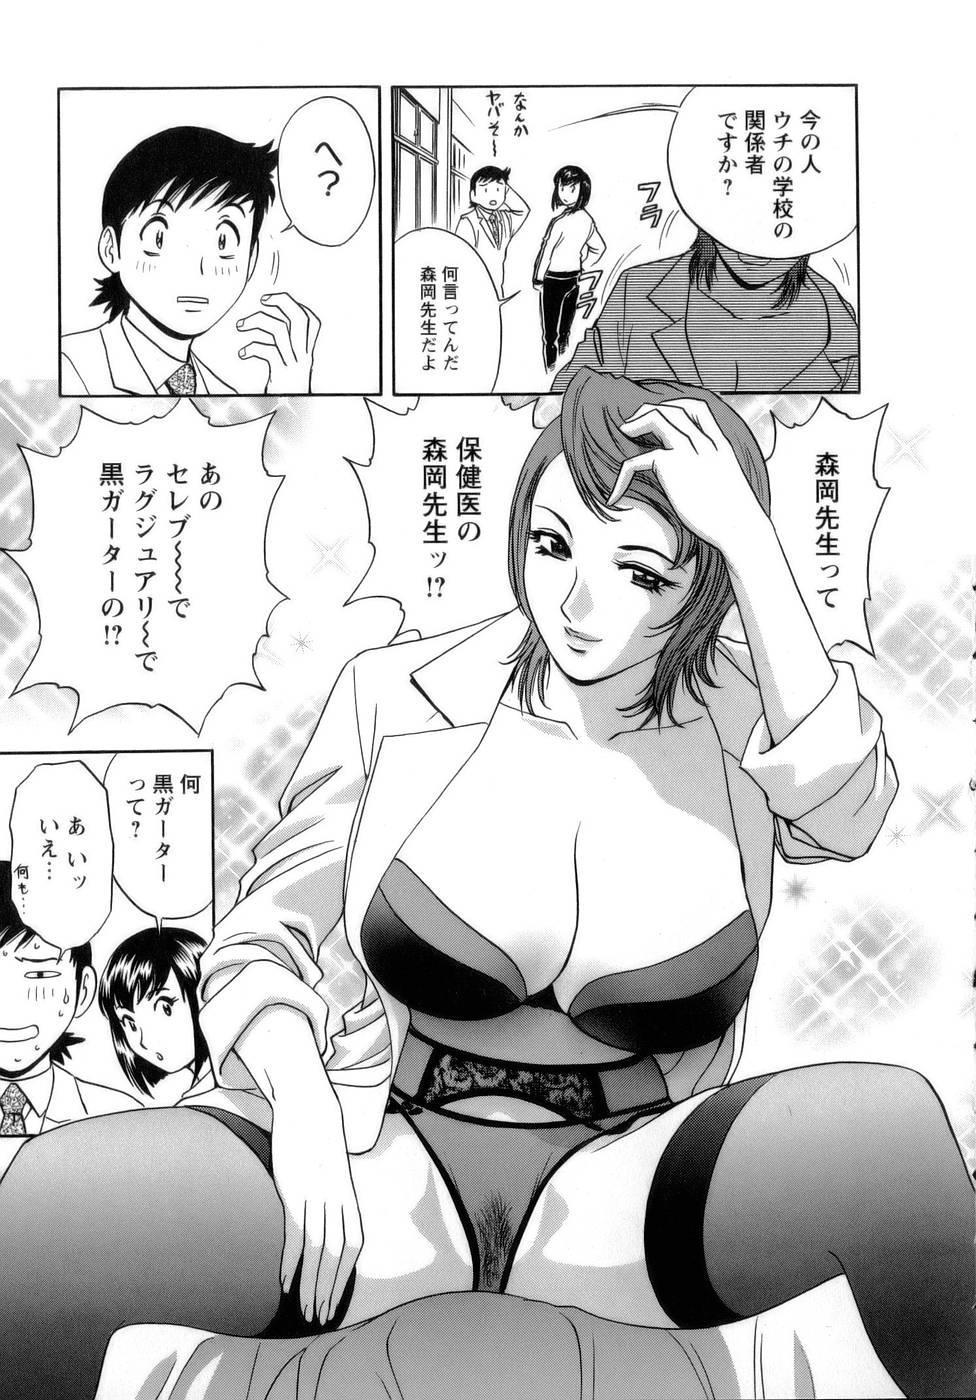 [Hidemaru] Mo-Retsu! Boin Sensei (Boing Boing Teacher) Vol.1 154